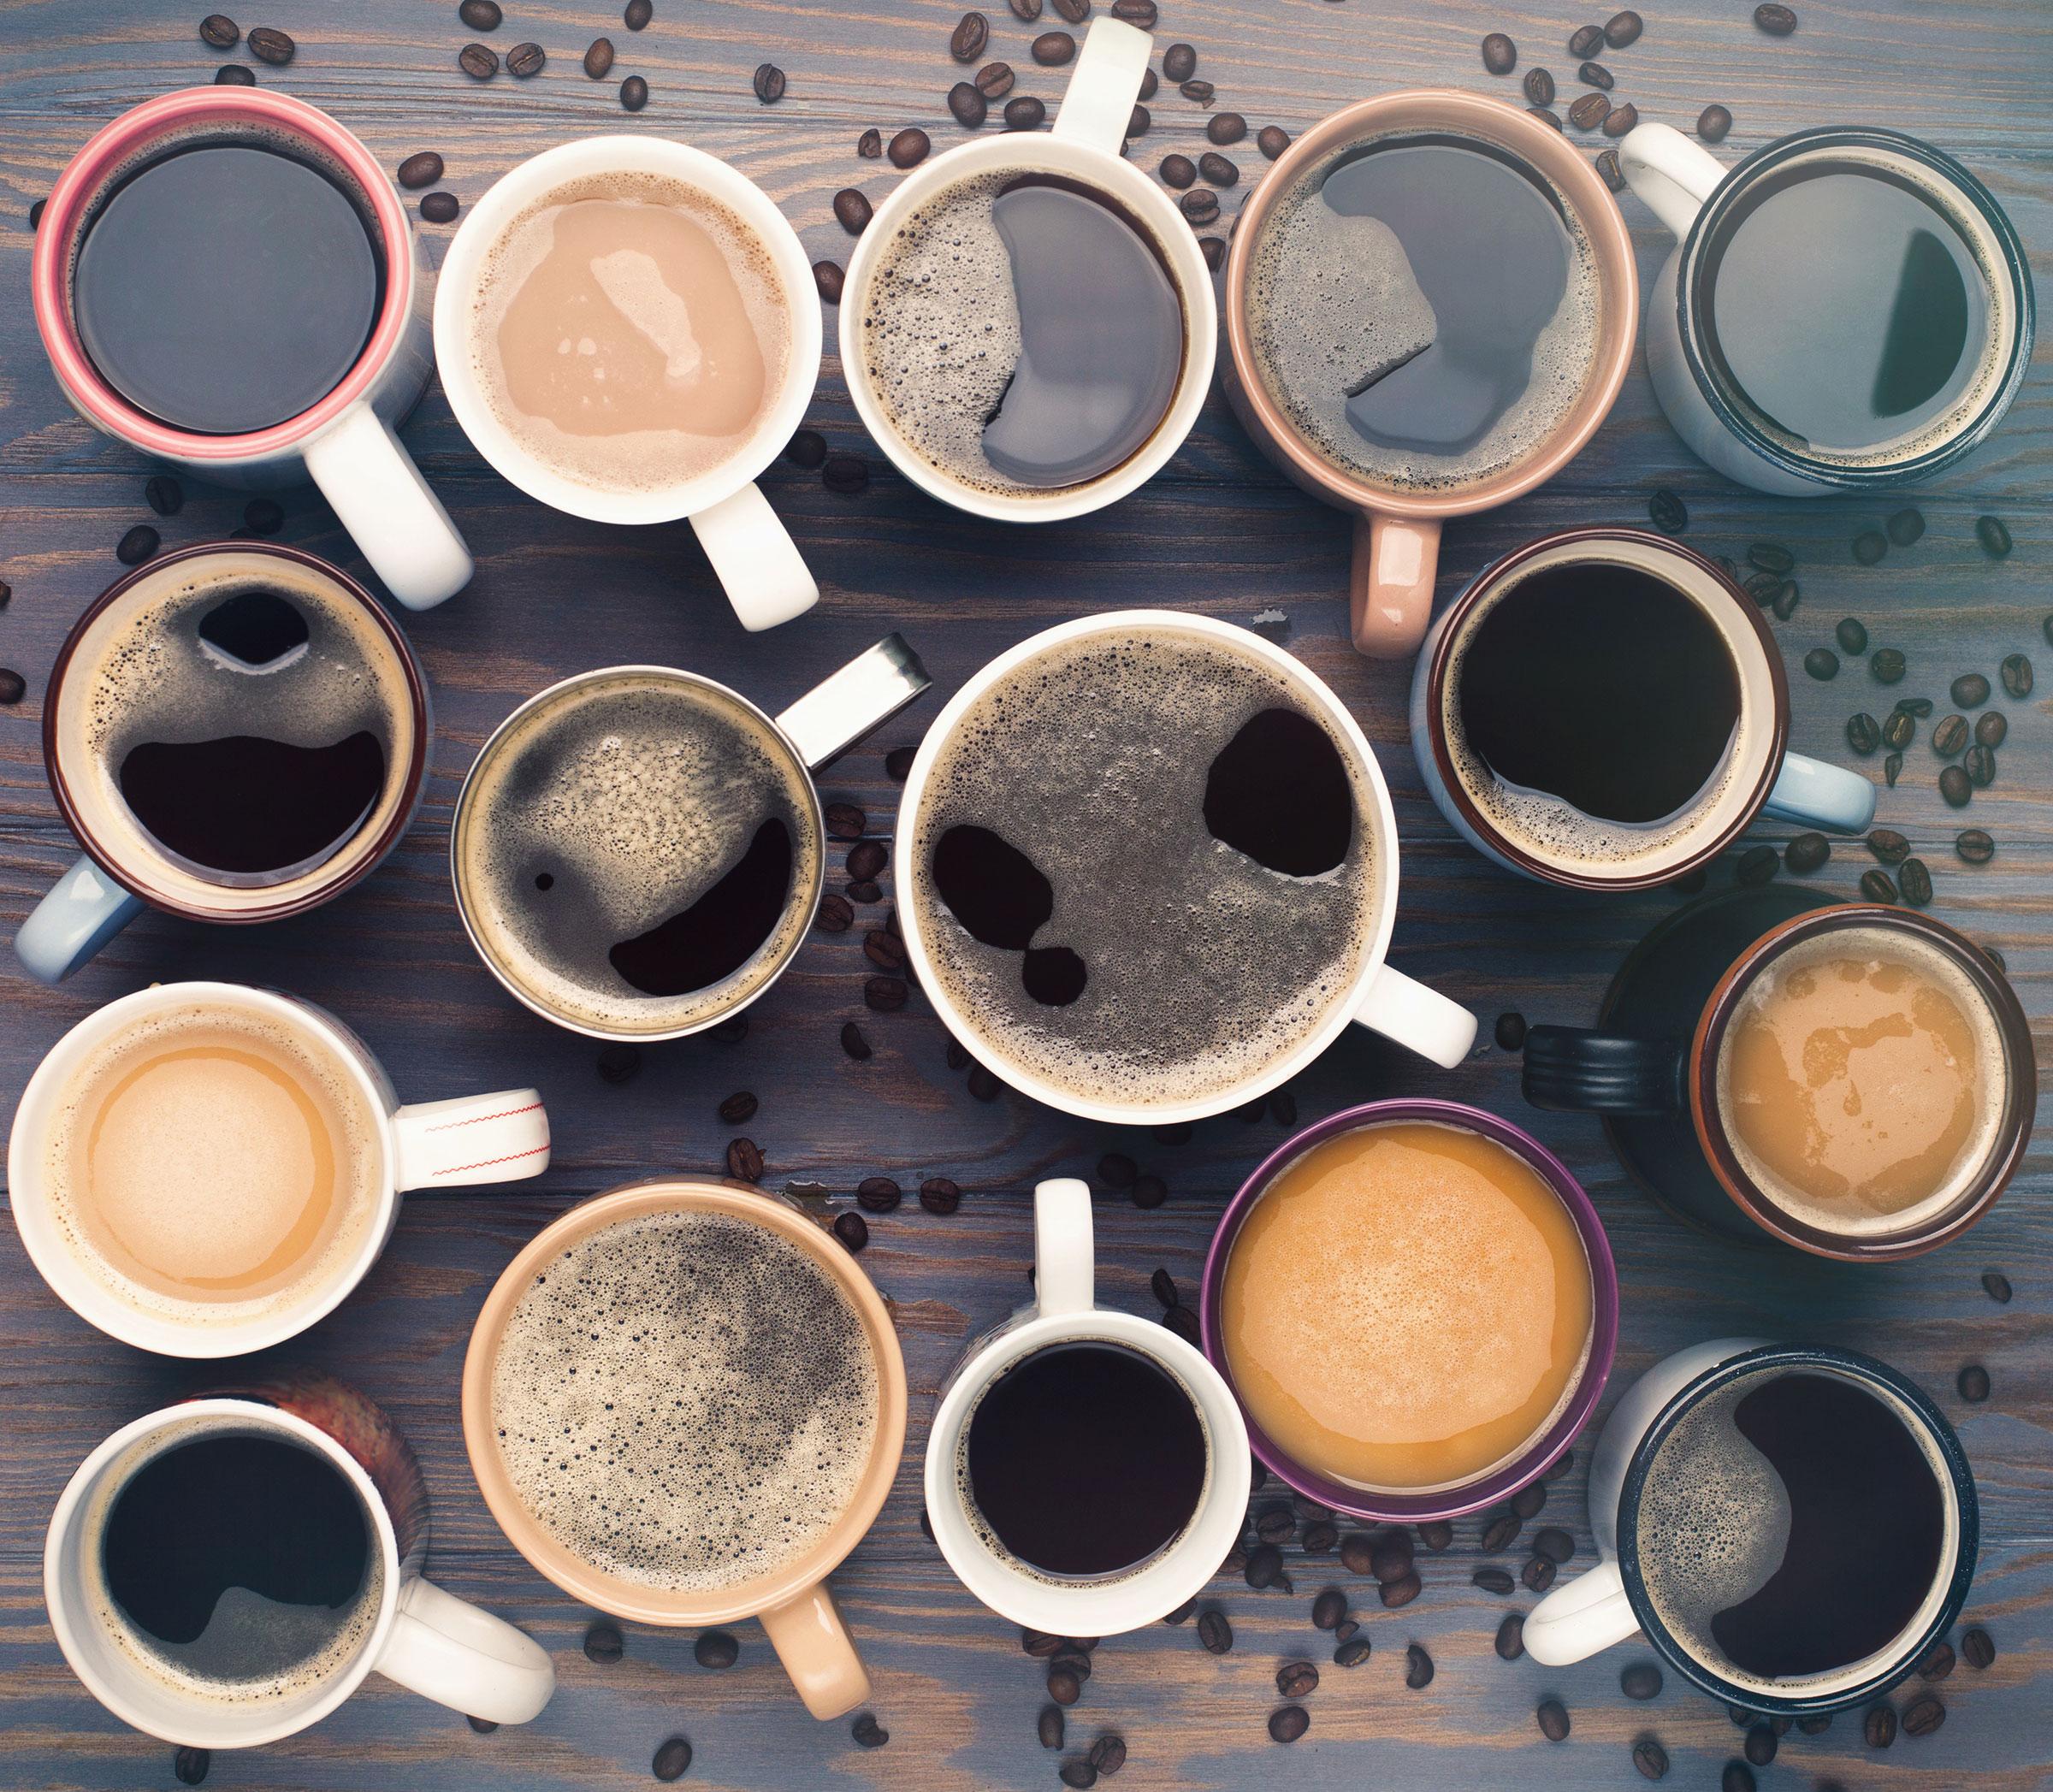 дом праге много чашек кофе фото вам ничего подошло